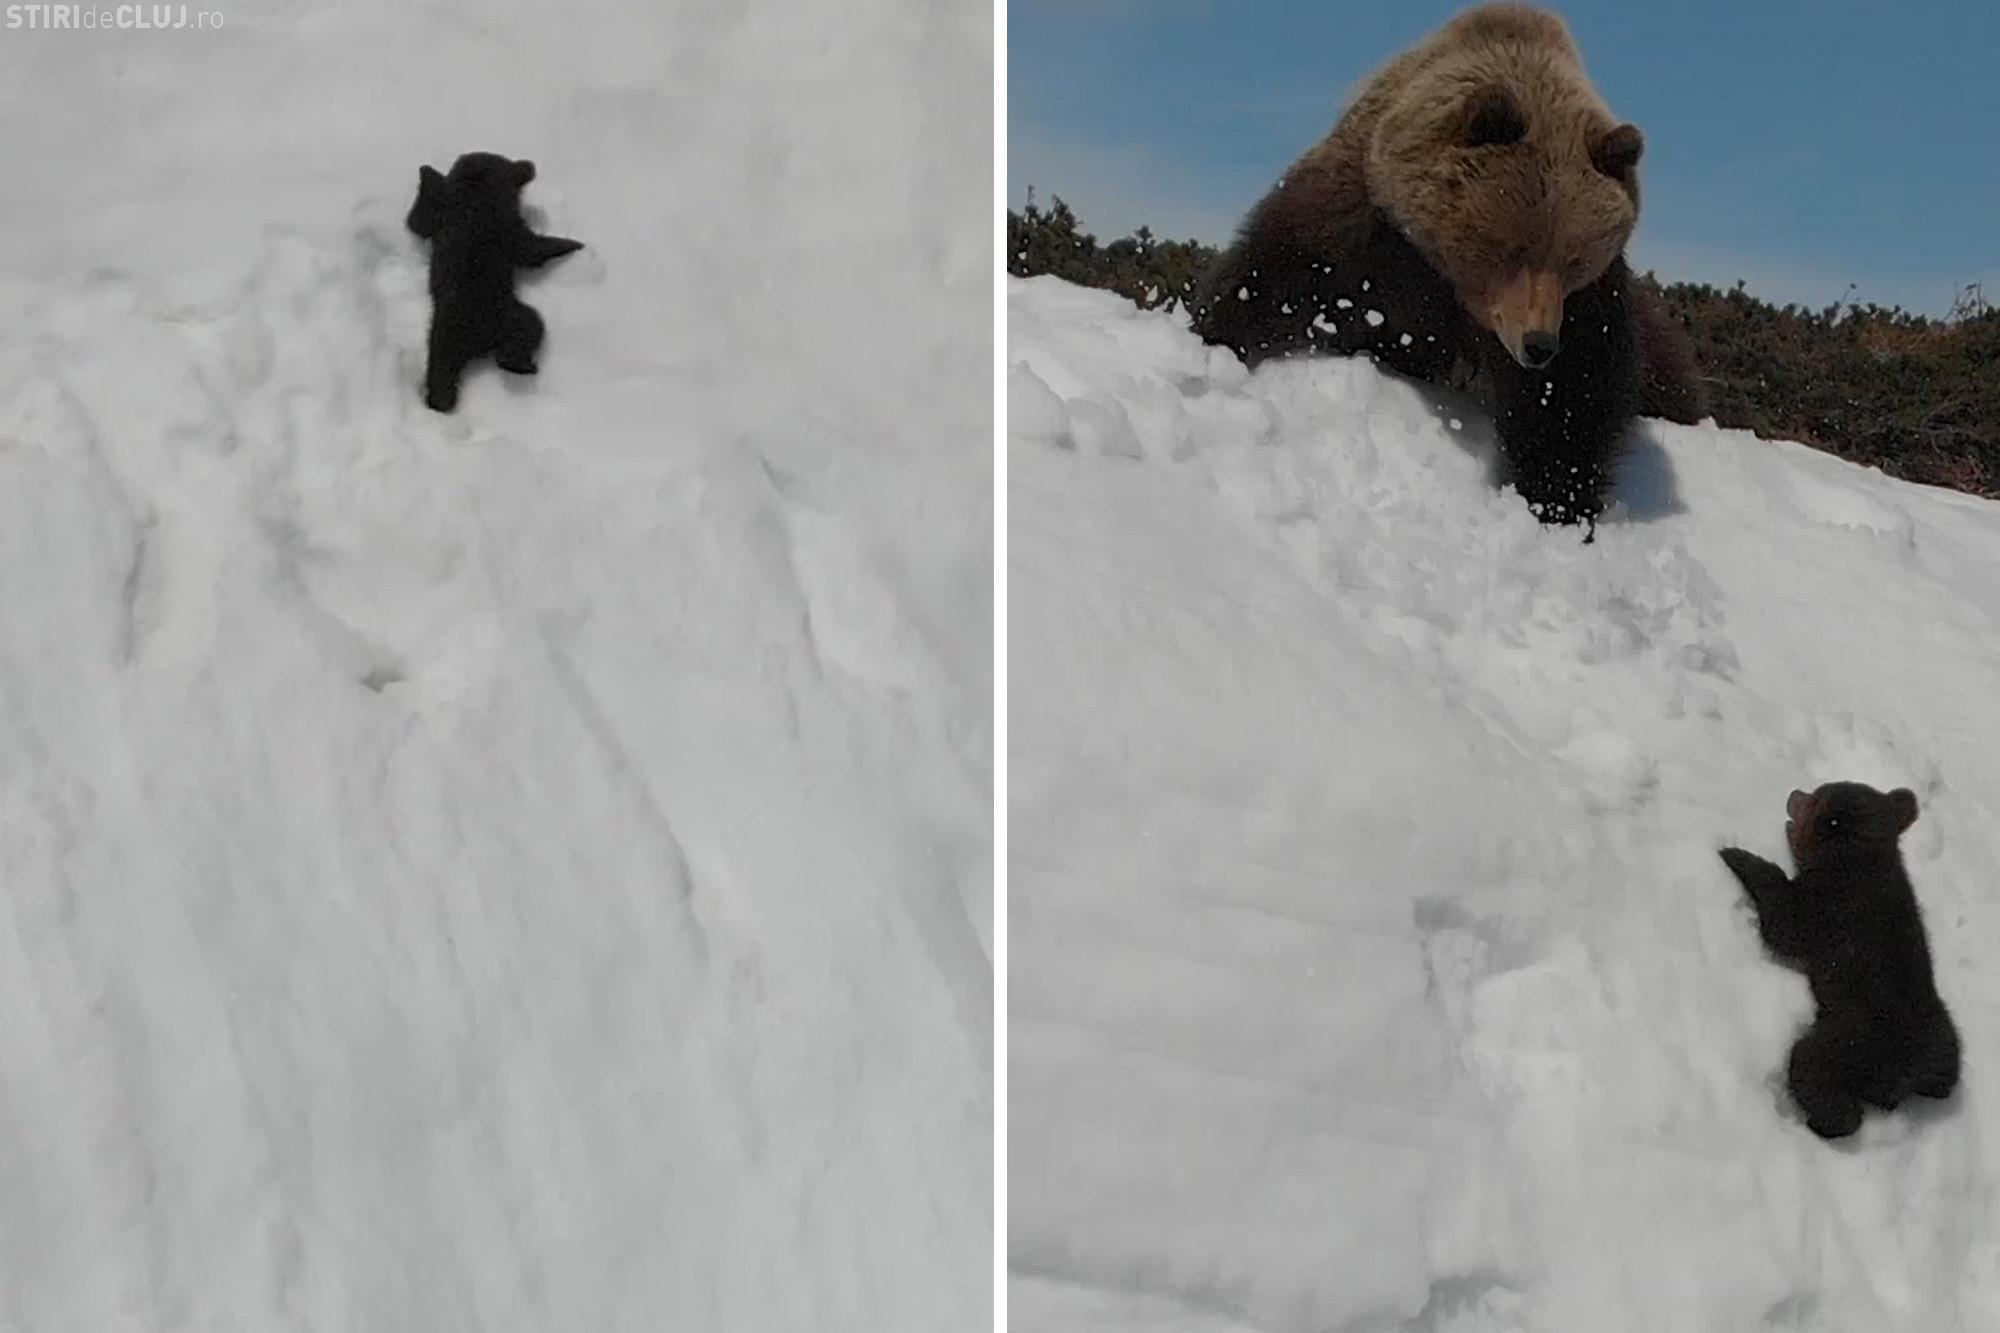 Filmarea VIRALĂ cu cei doi urși a fost criticată DUR - VIDEO